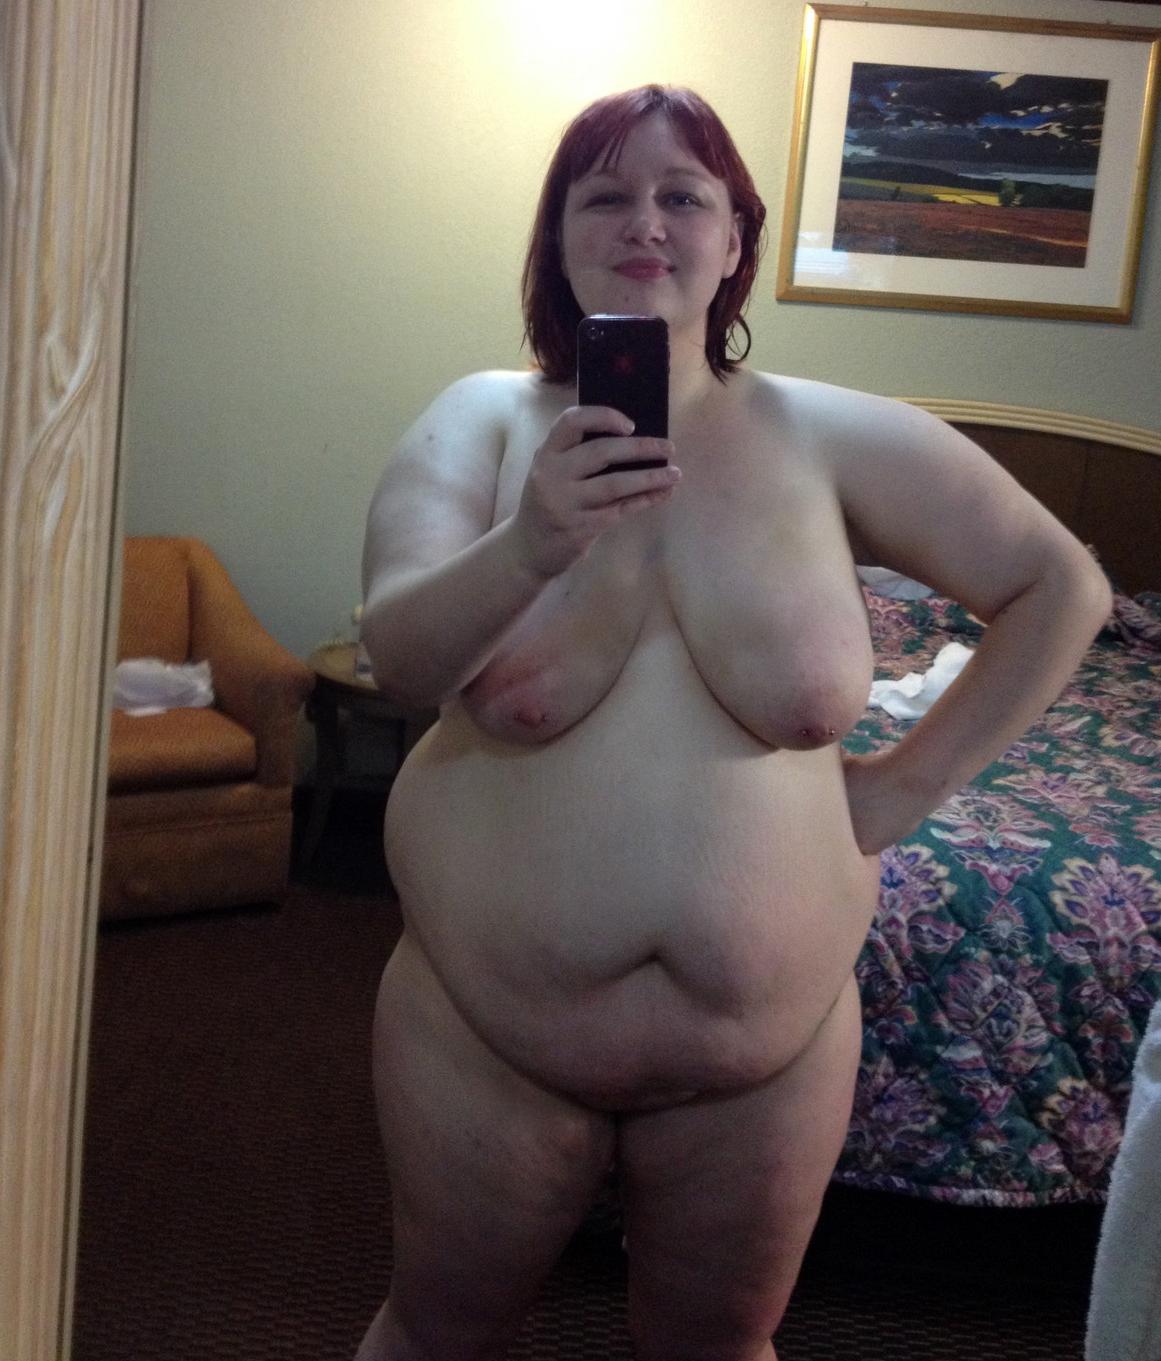 tumblr selfie naked